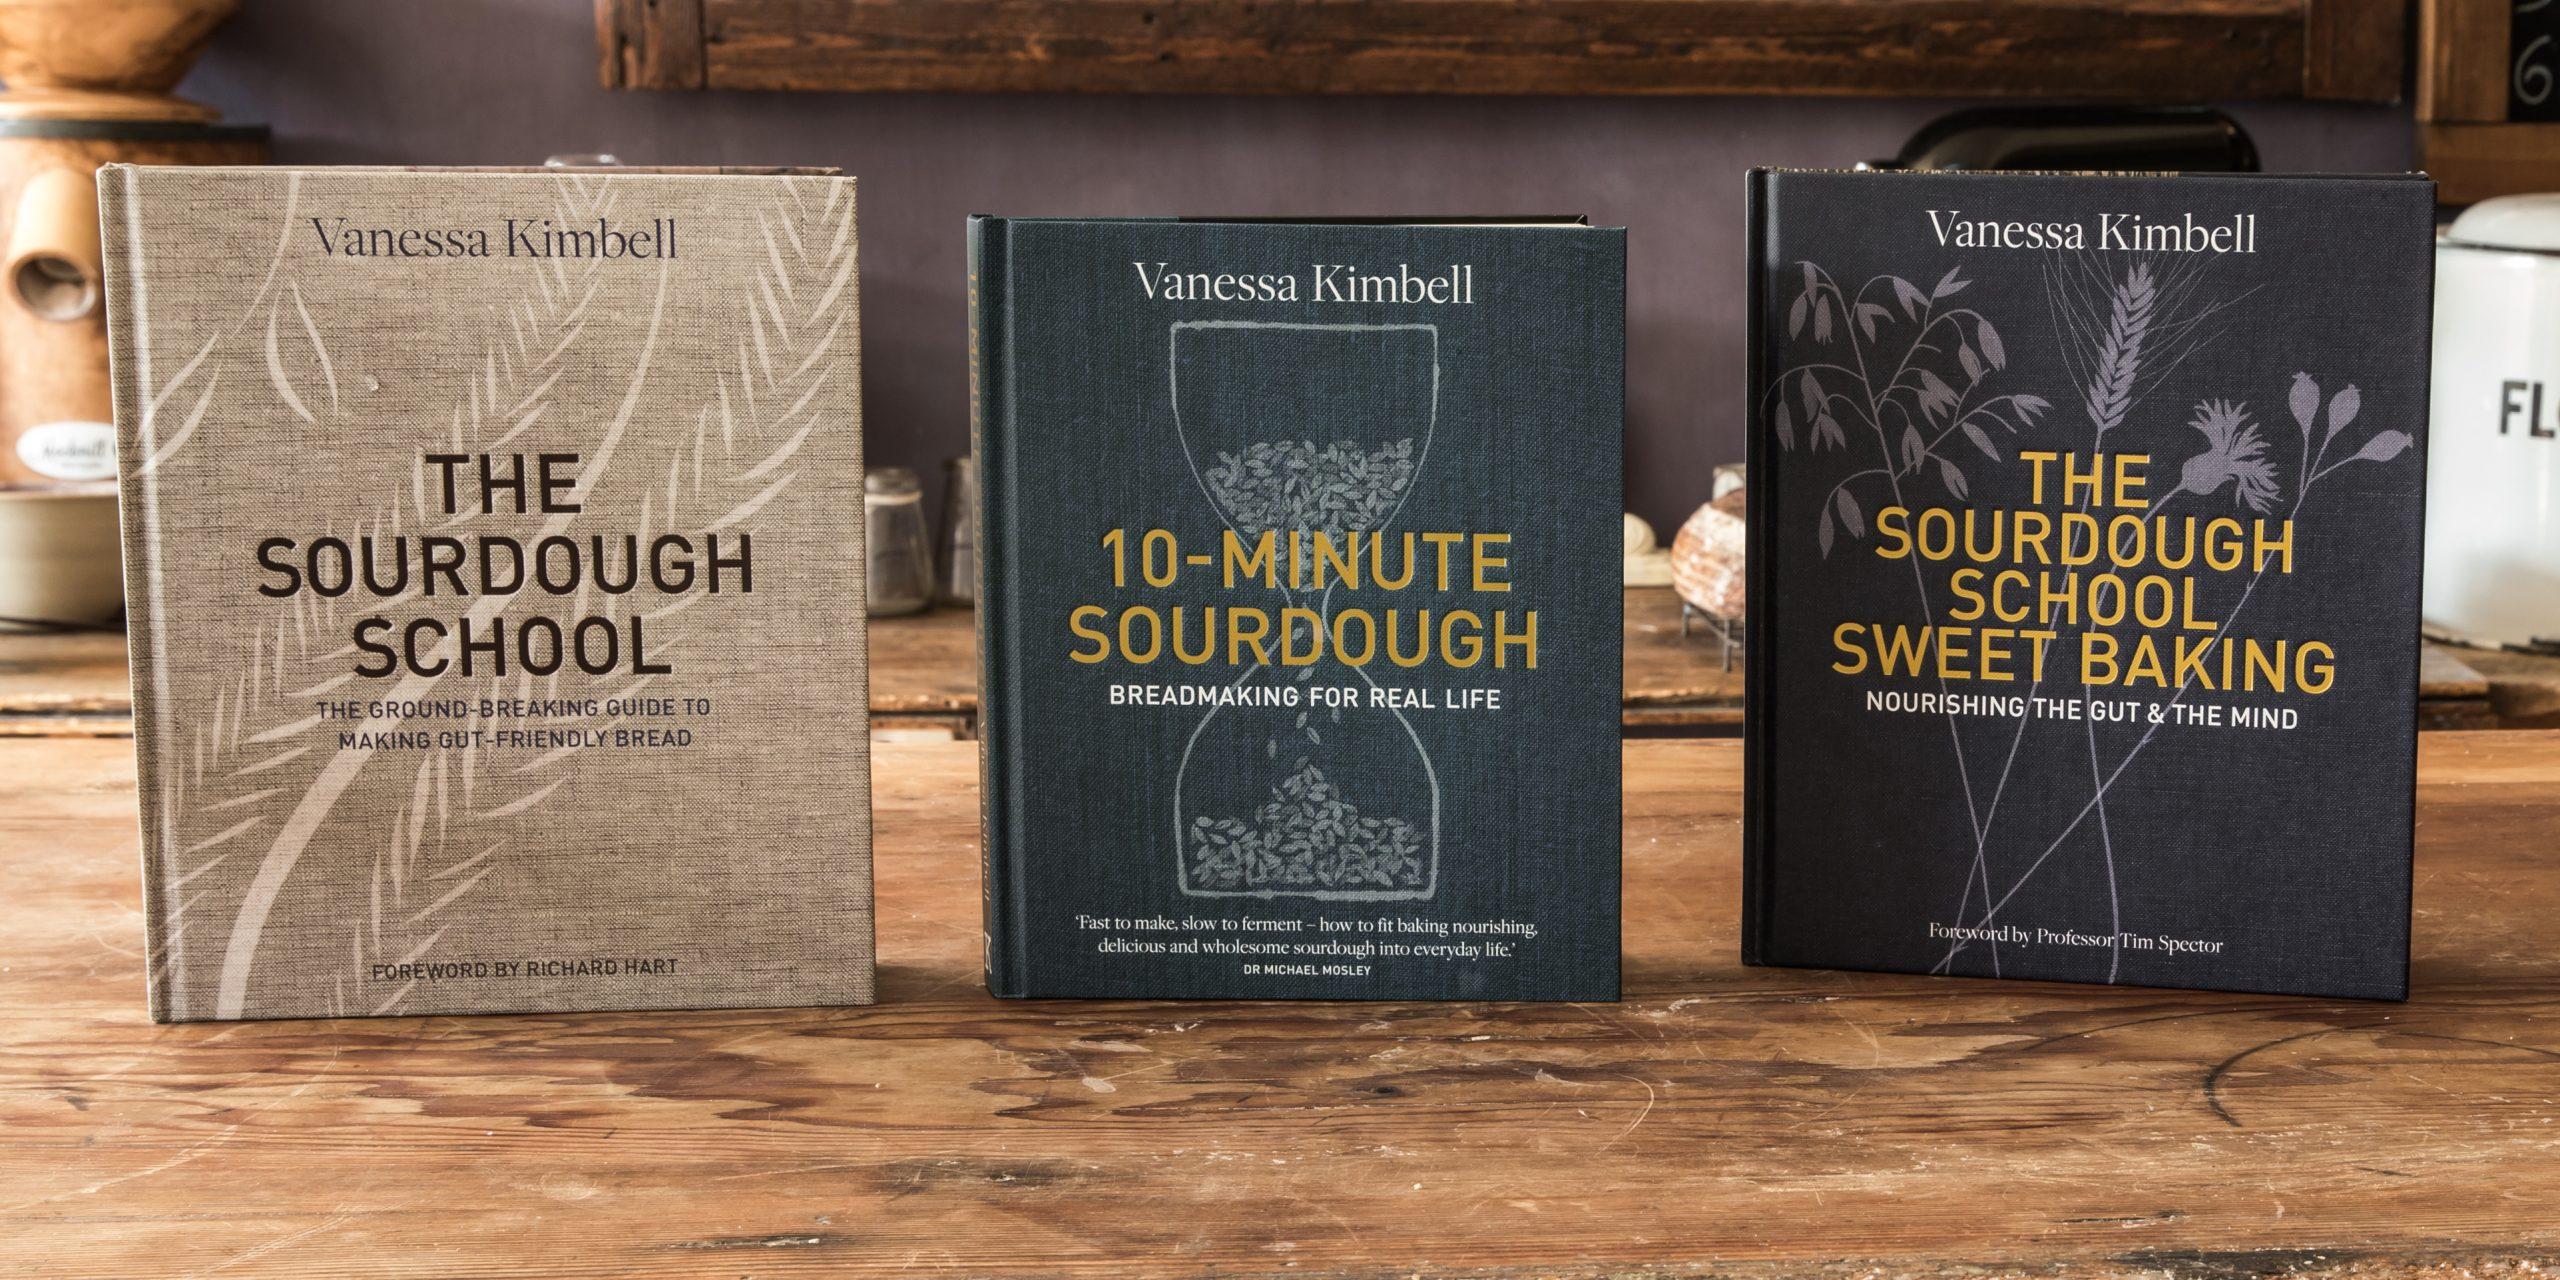 The Sourdough School books